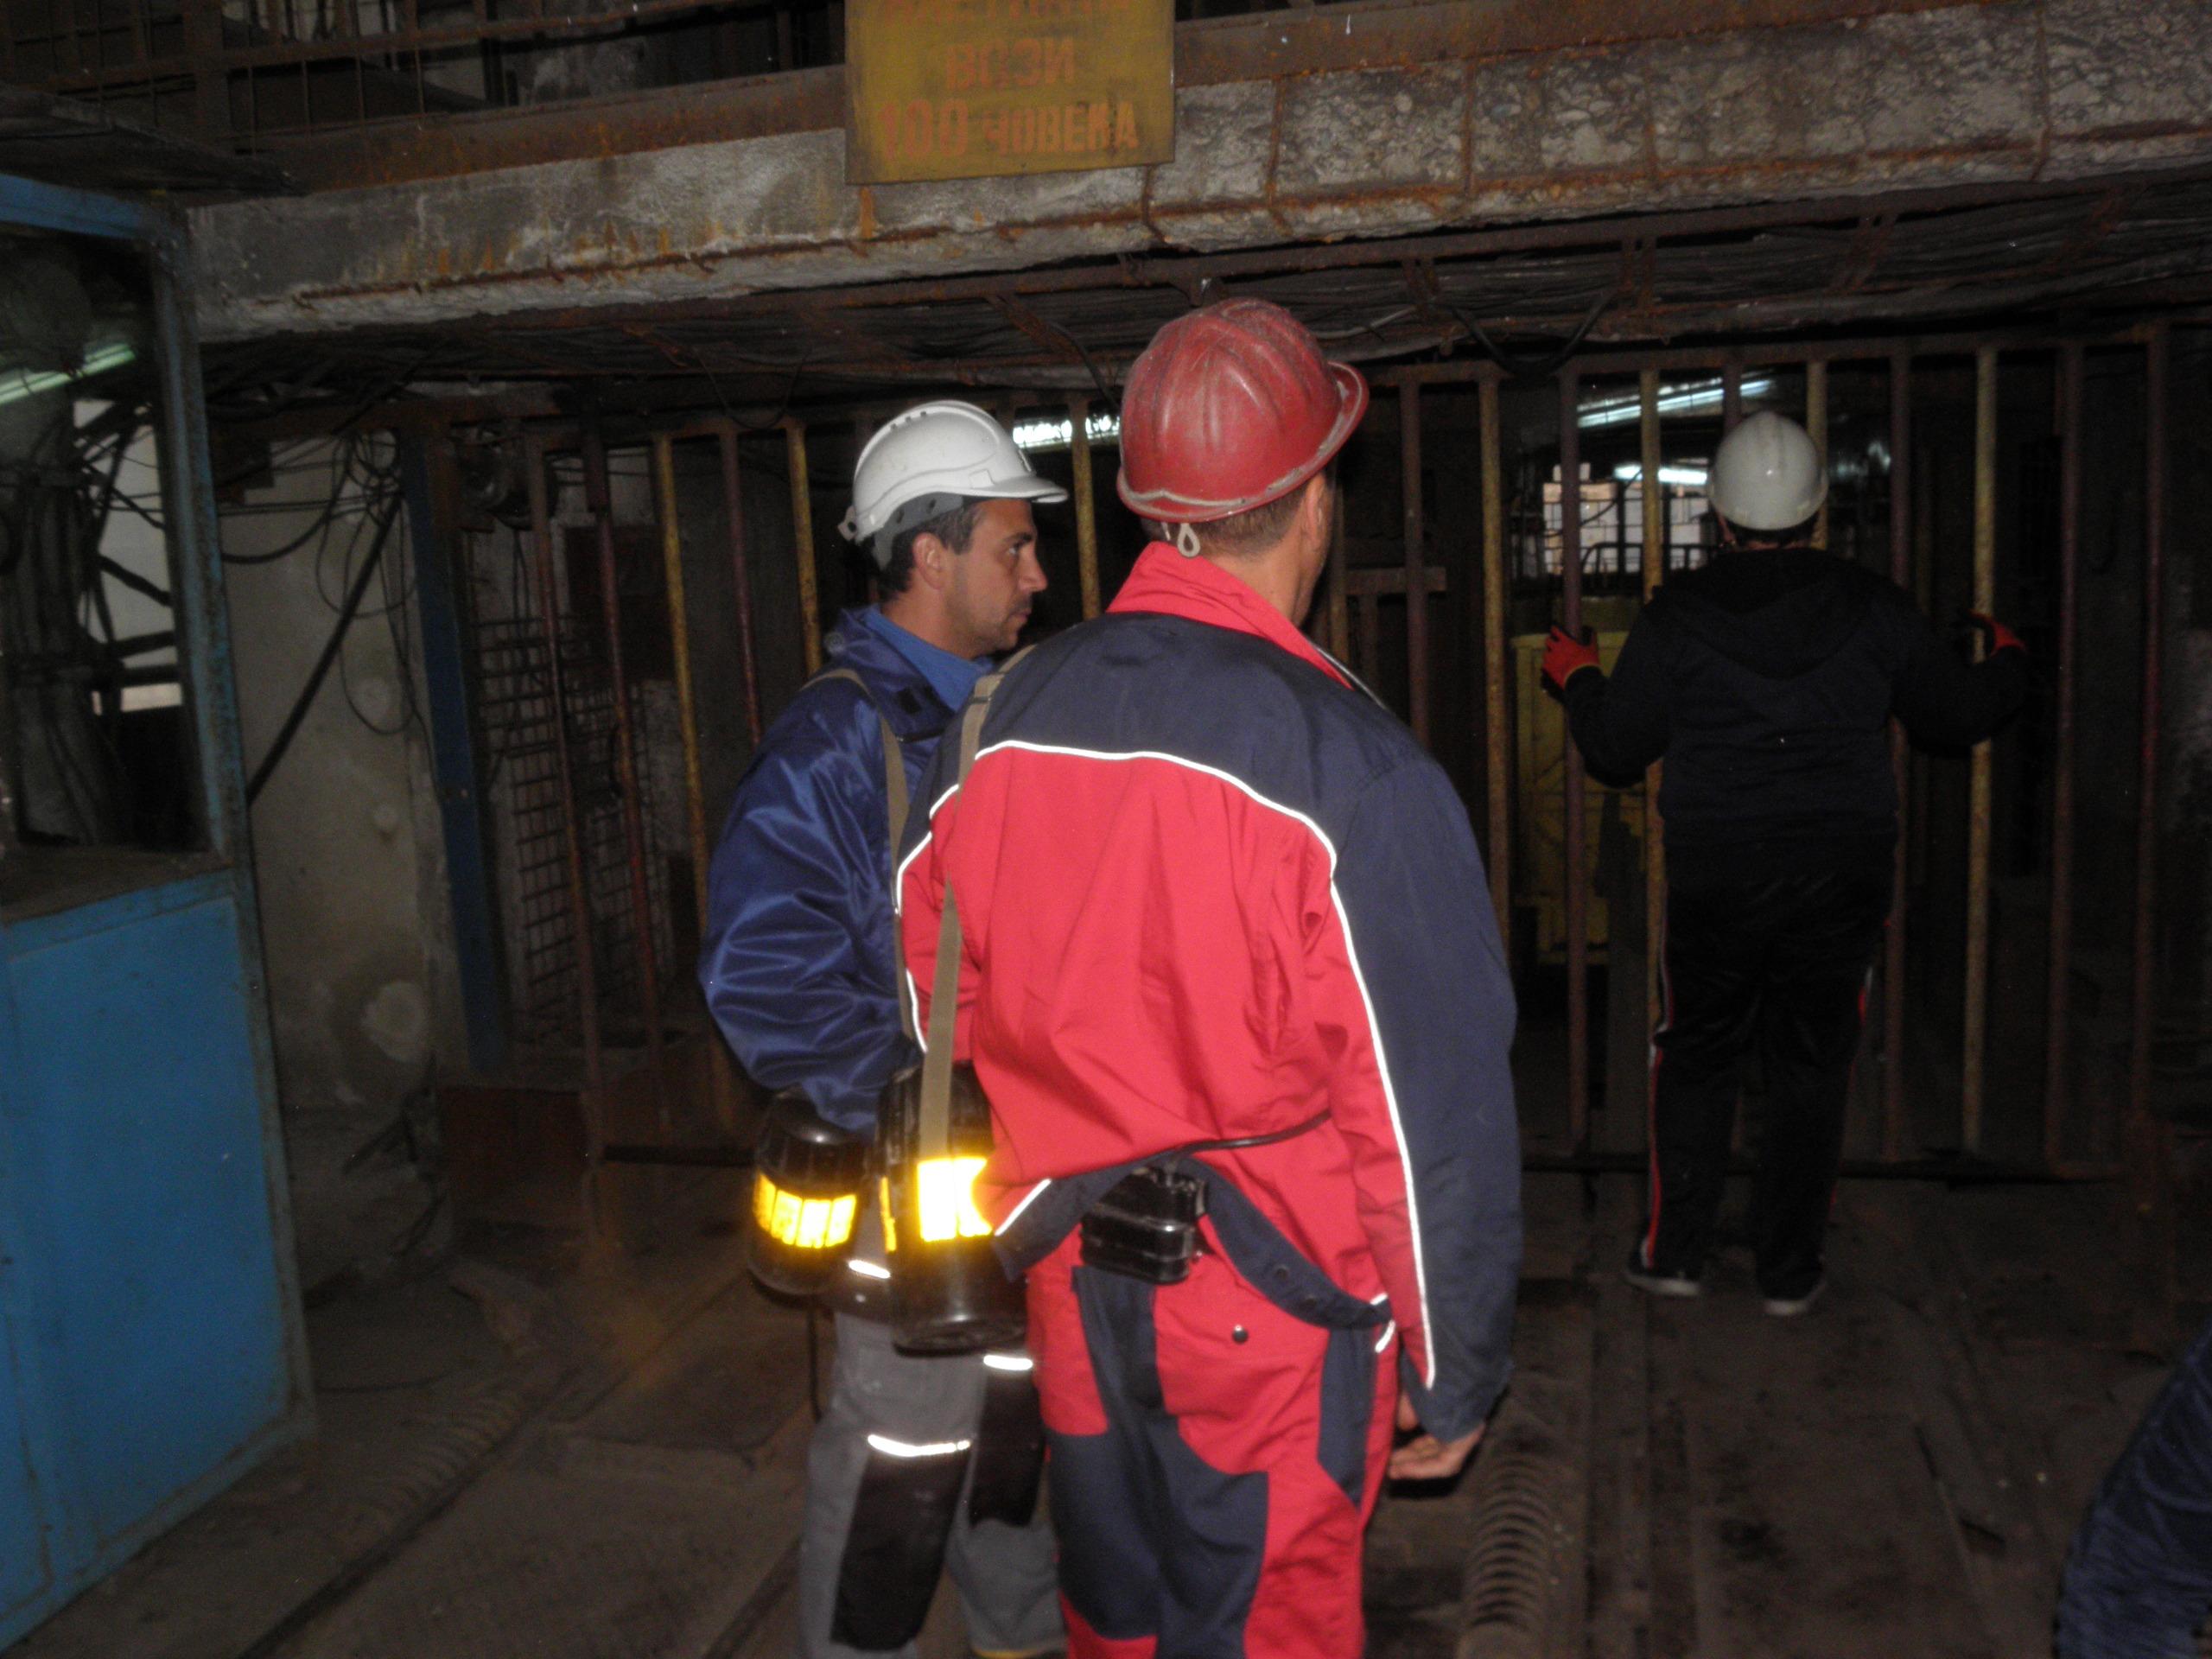 """Над 60 часа изкараха близо 140 миньори под земята на рудник """"Бабино"""" тази седмица. Техни колеги ги подкрепяха над земята и щурмуваха ръководството на мините."""